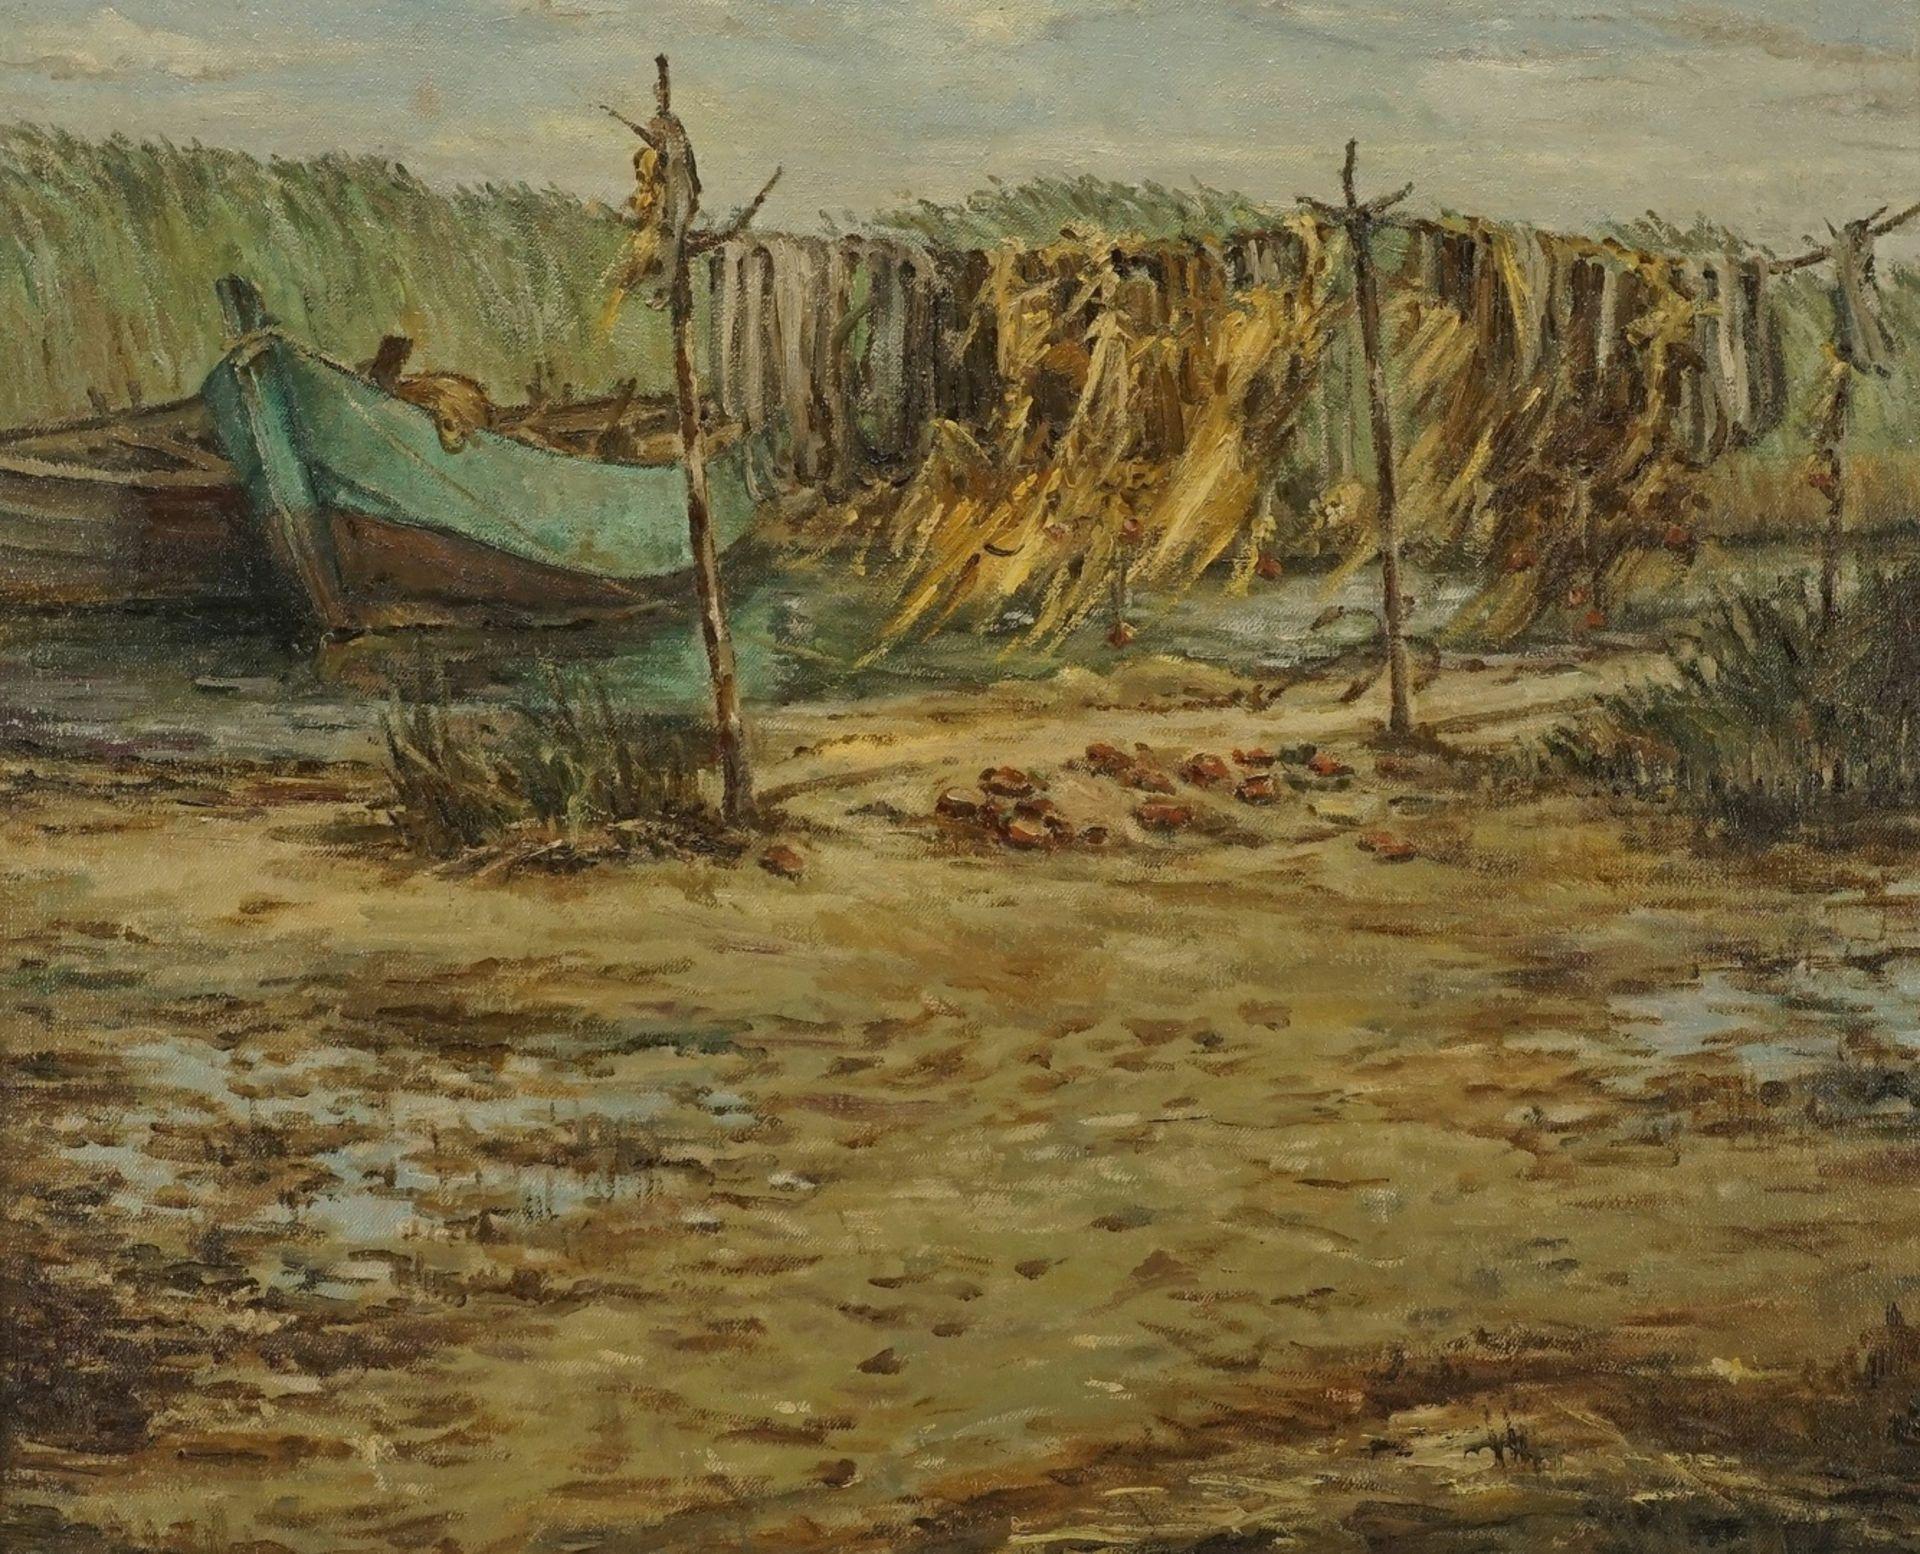 Unbekannter Küstenmaler, Boddenszene mit Fischerbooten und Netzreihen